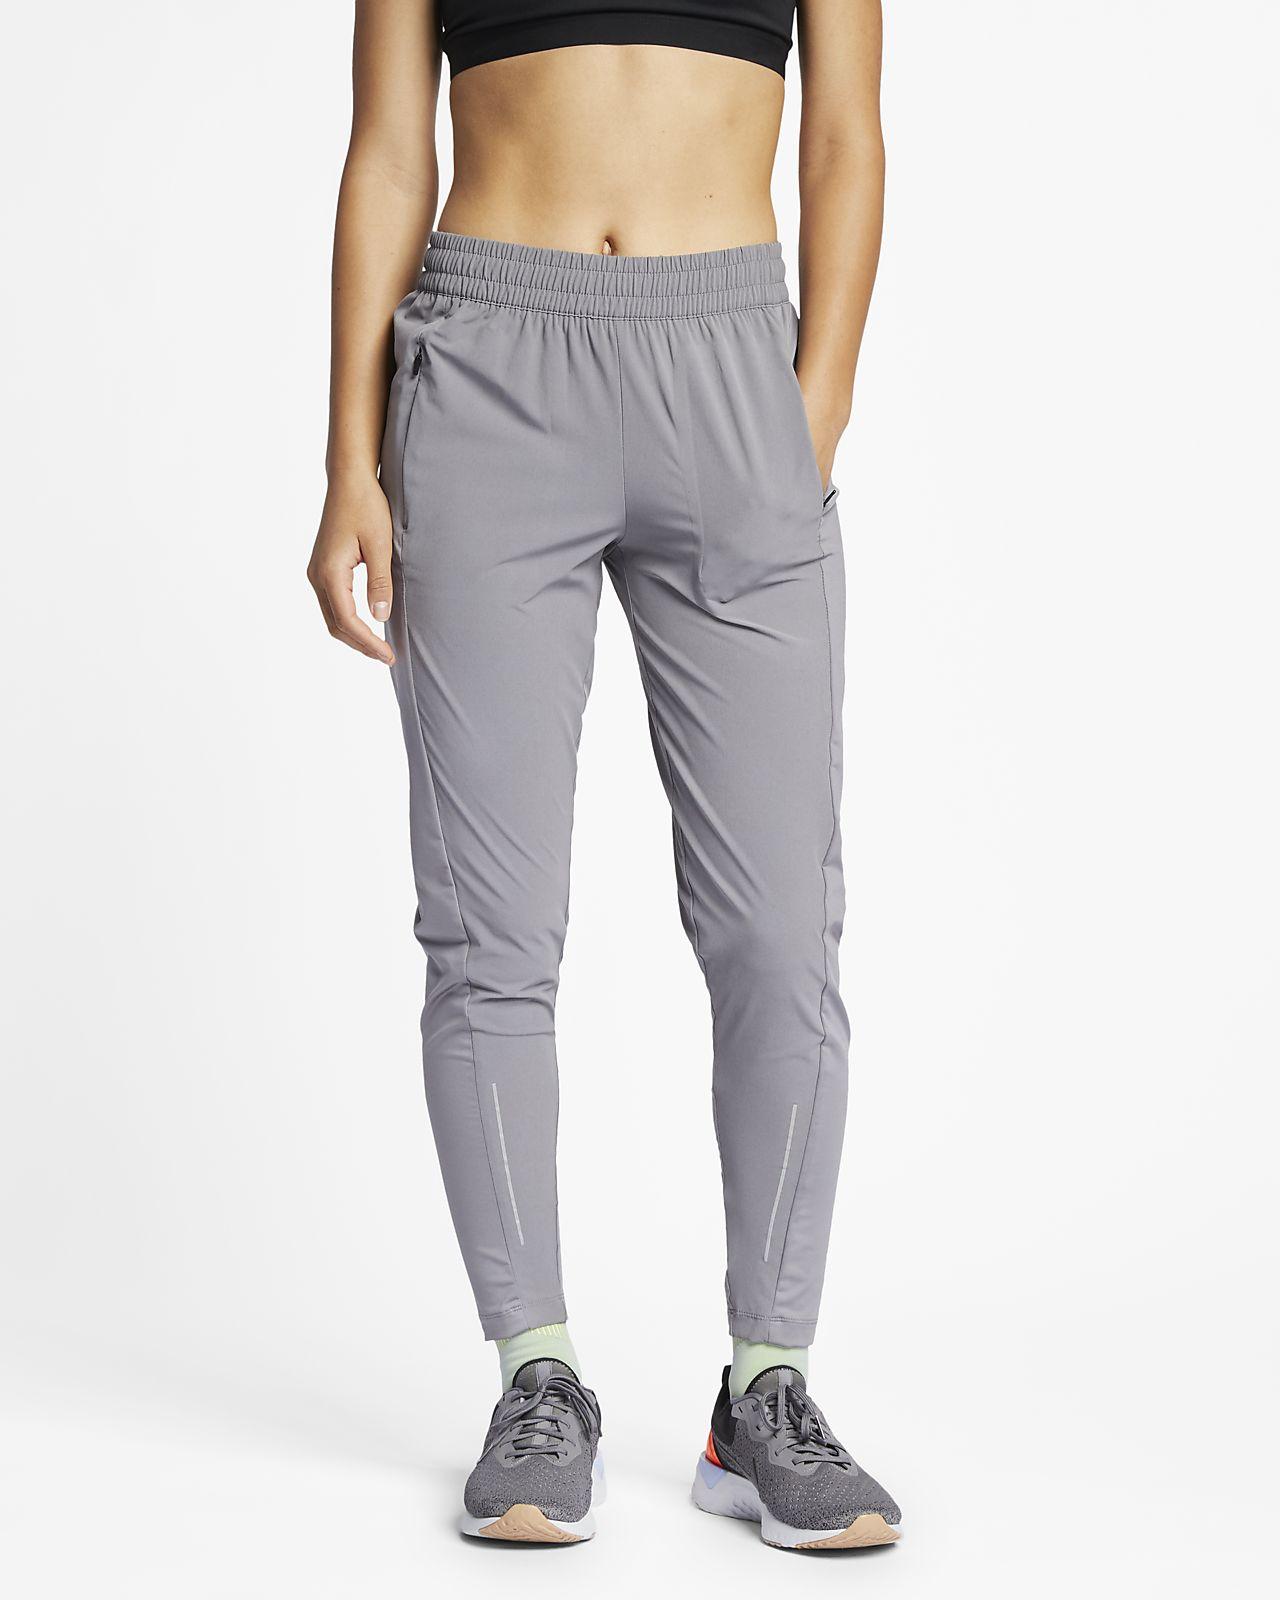 factory price 1296d 46e02 Nike Swift-løbebukser til kvinder